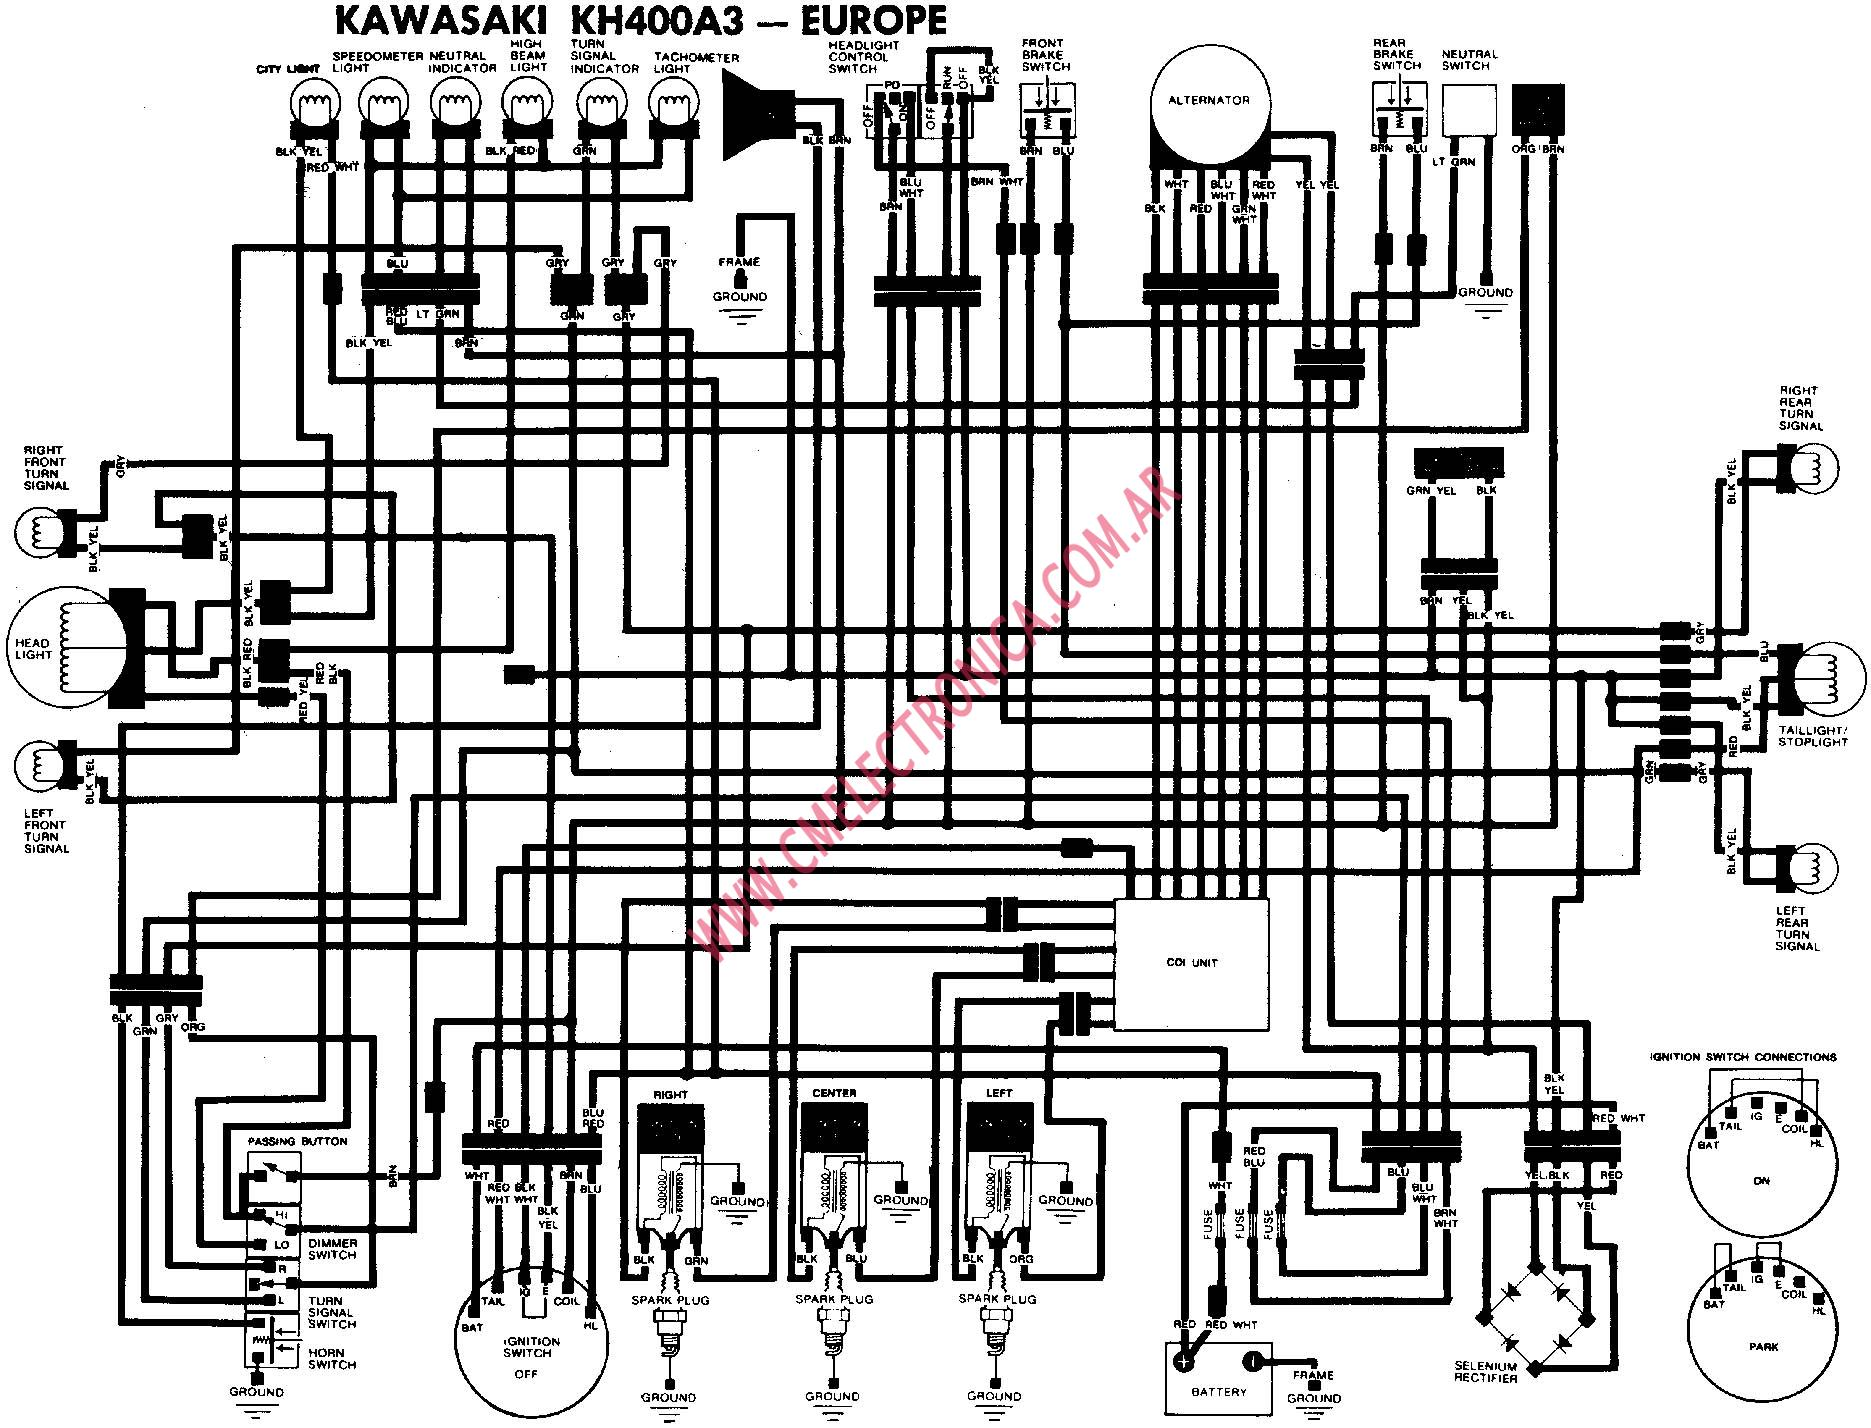 diagrama kawasaki kh400a3 eu